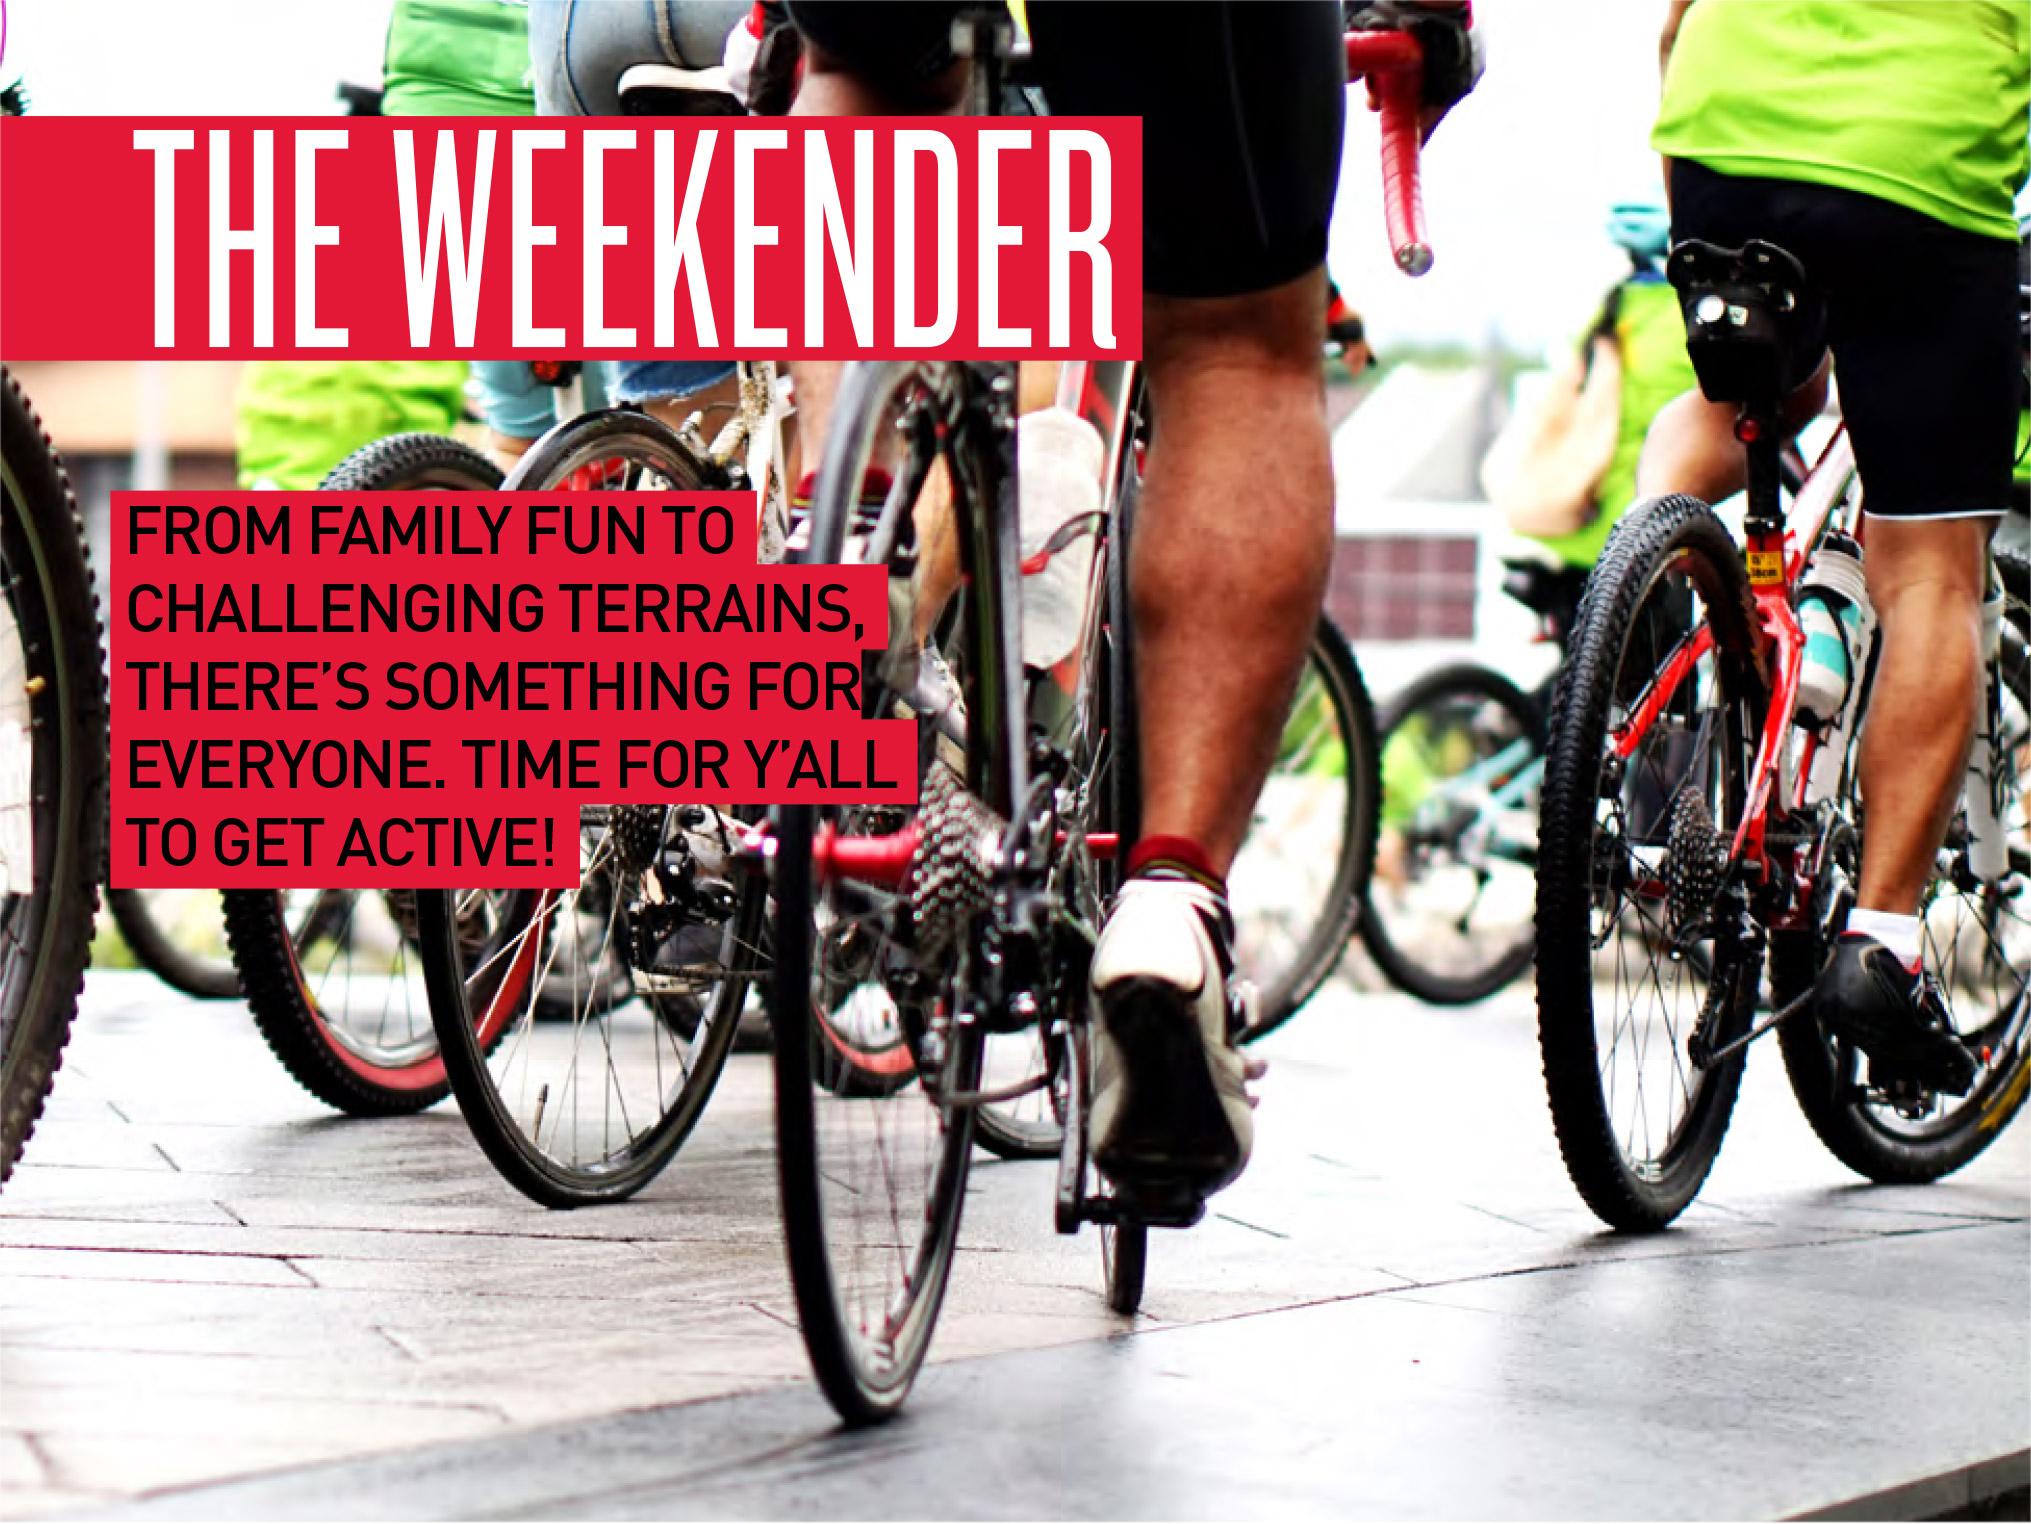 bestfit issue 12 weekender header image